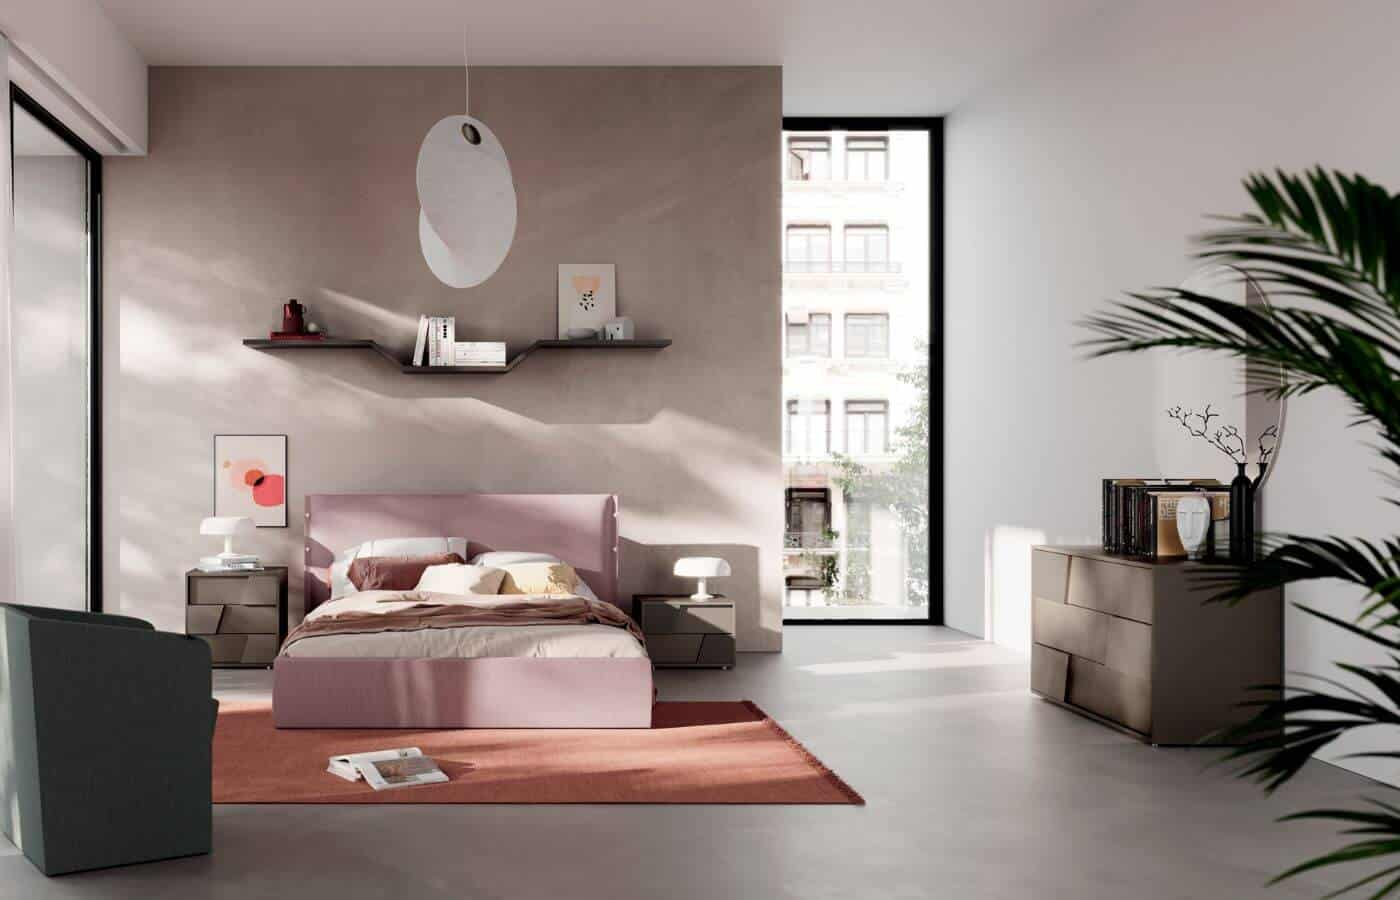 zona-notte-gruppo-letto-collezione-alisso-il-mobile (2)